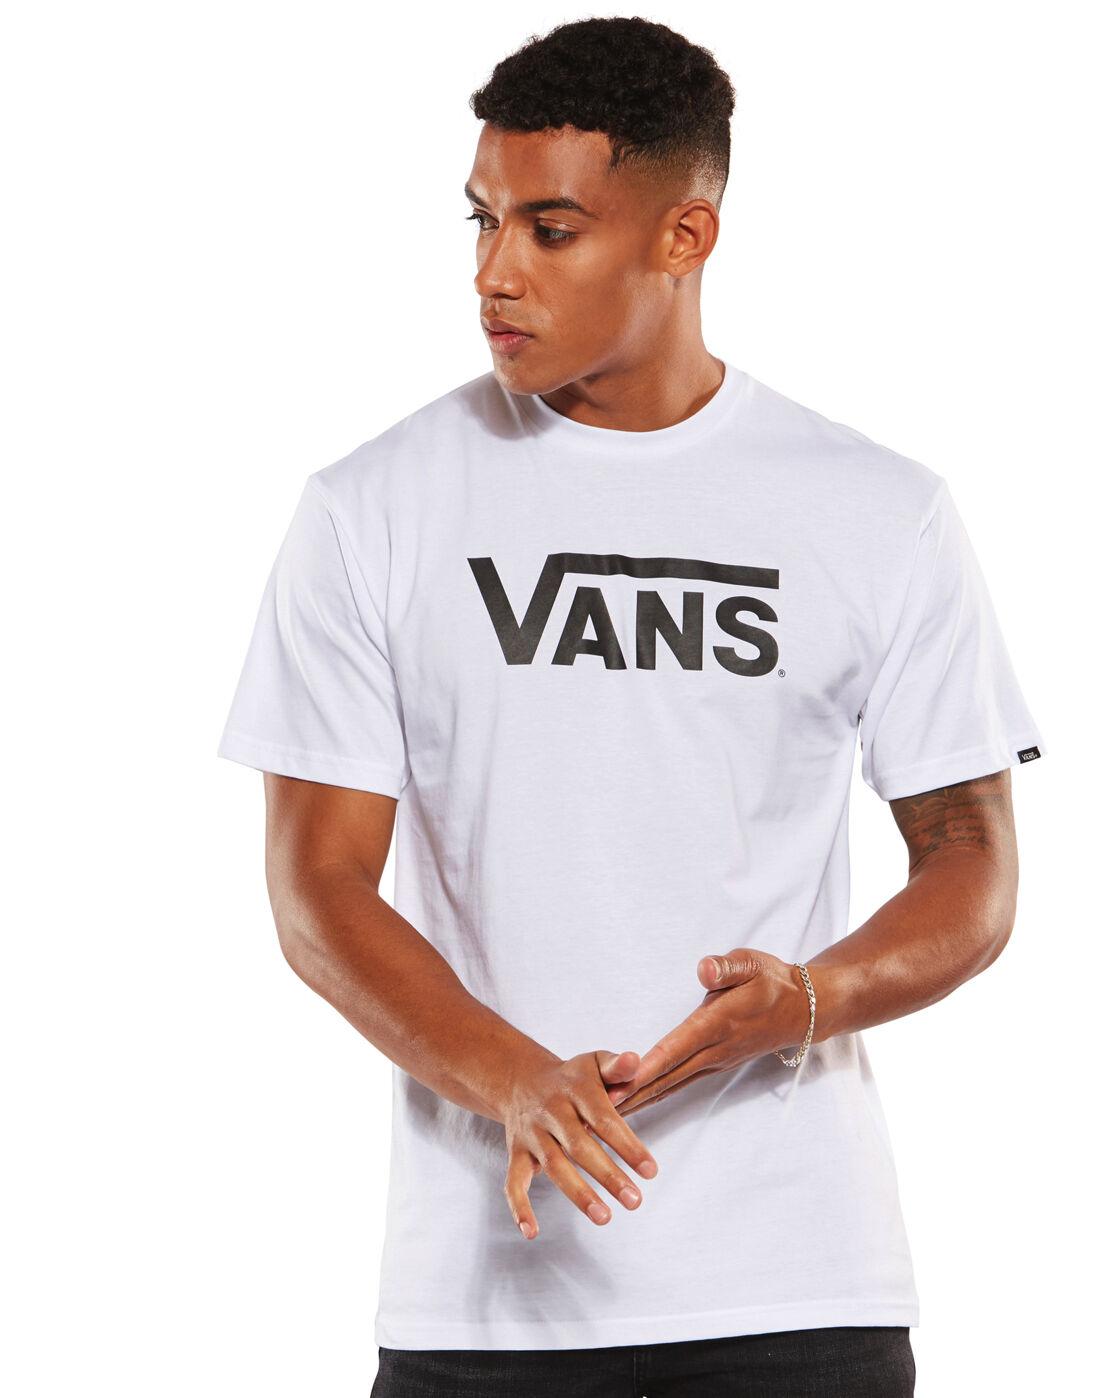 vans t shirt age 13